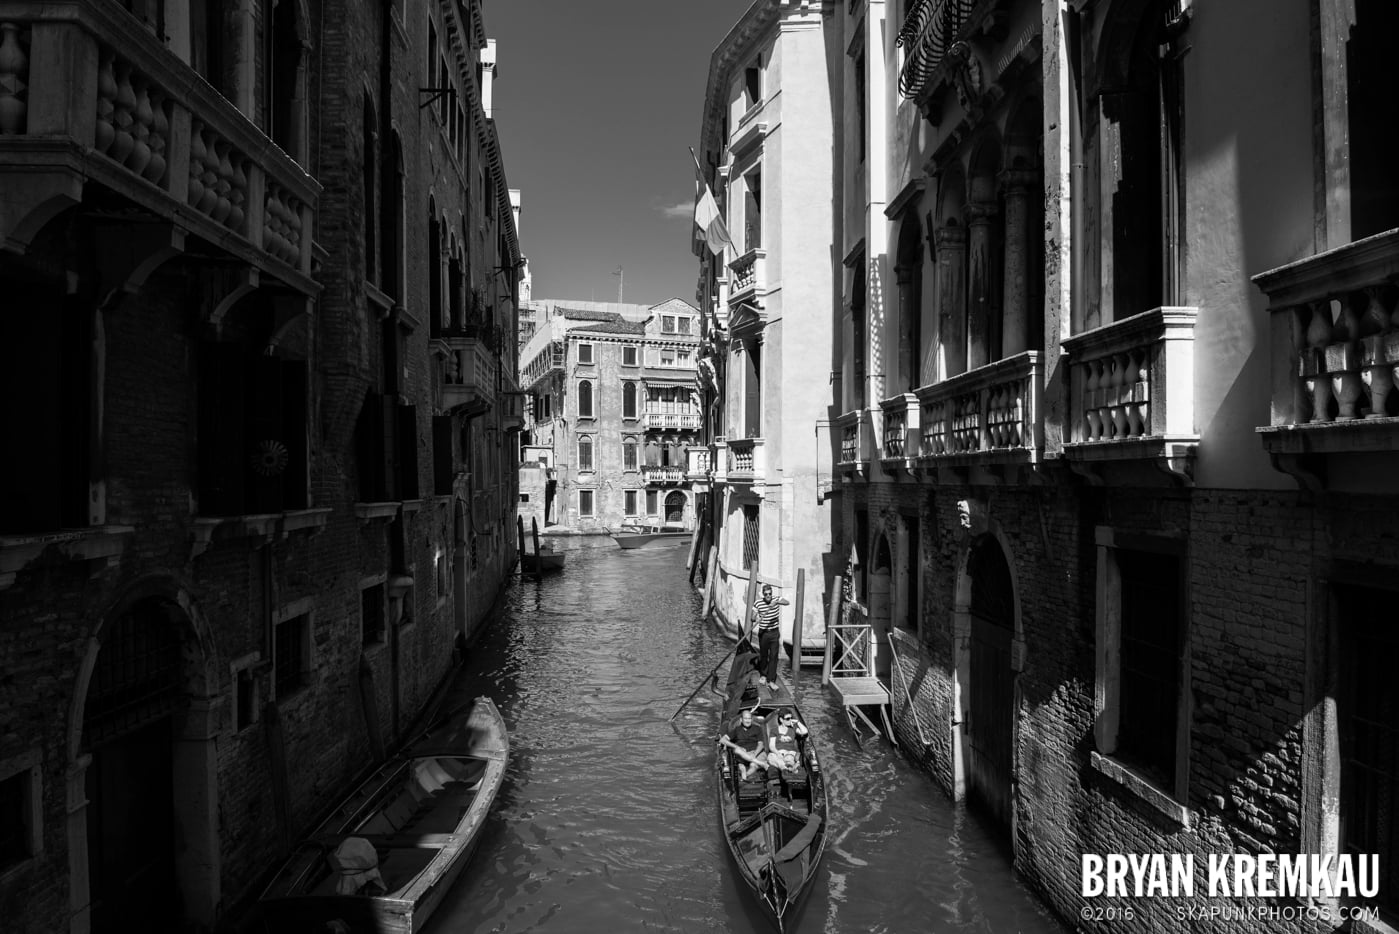 Italy Vacation - Day 4: Venice - 9.12.13 (69)